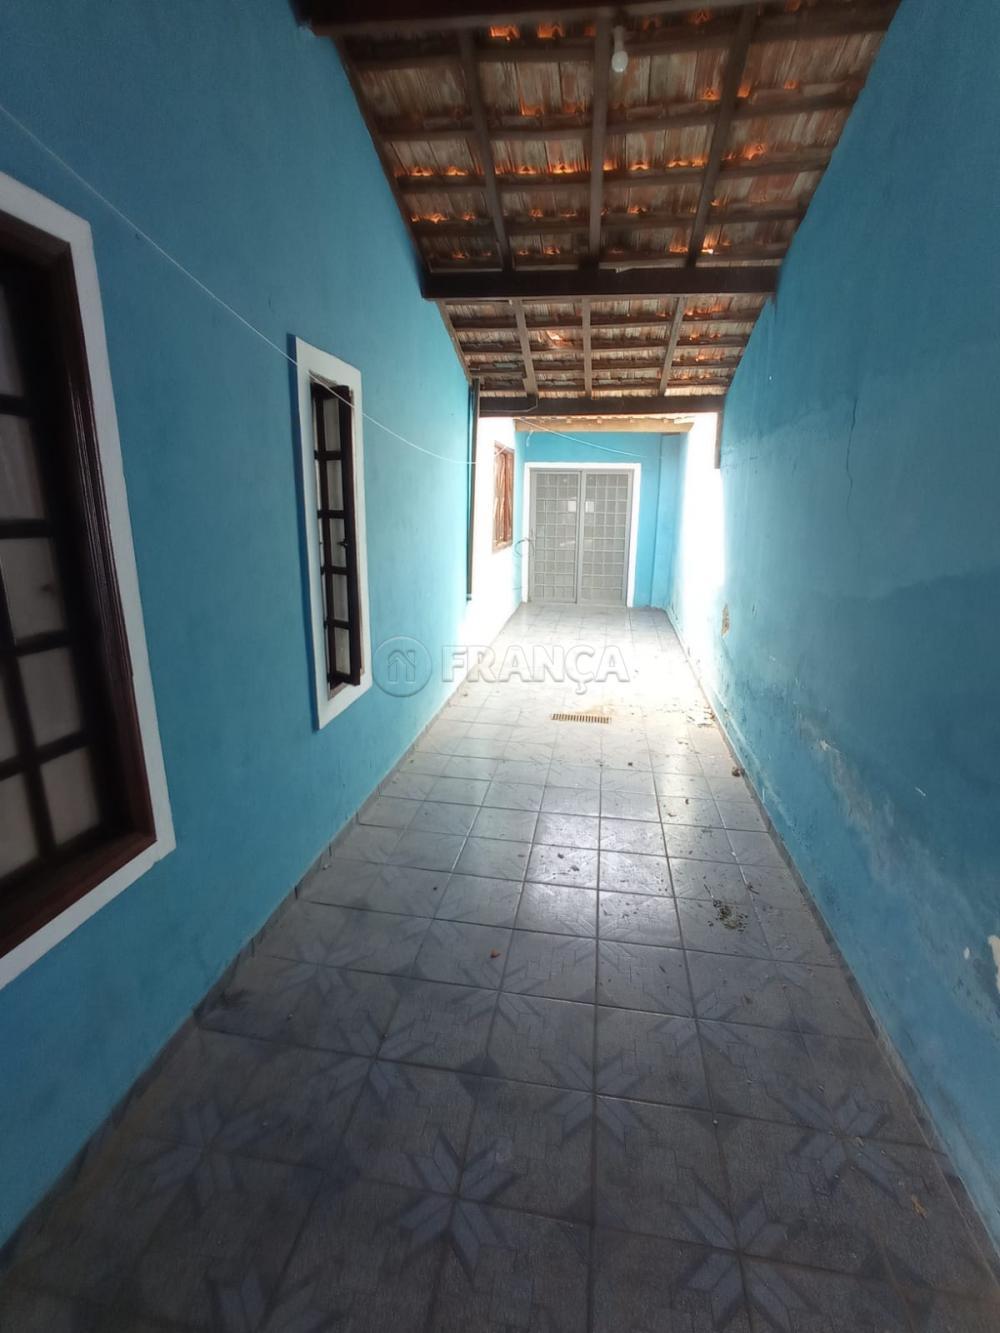 Alugar Casa / Padrão em Jacareí R$ 1.200,00 - Foto 4